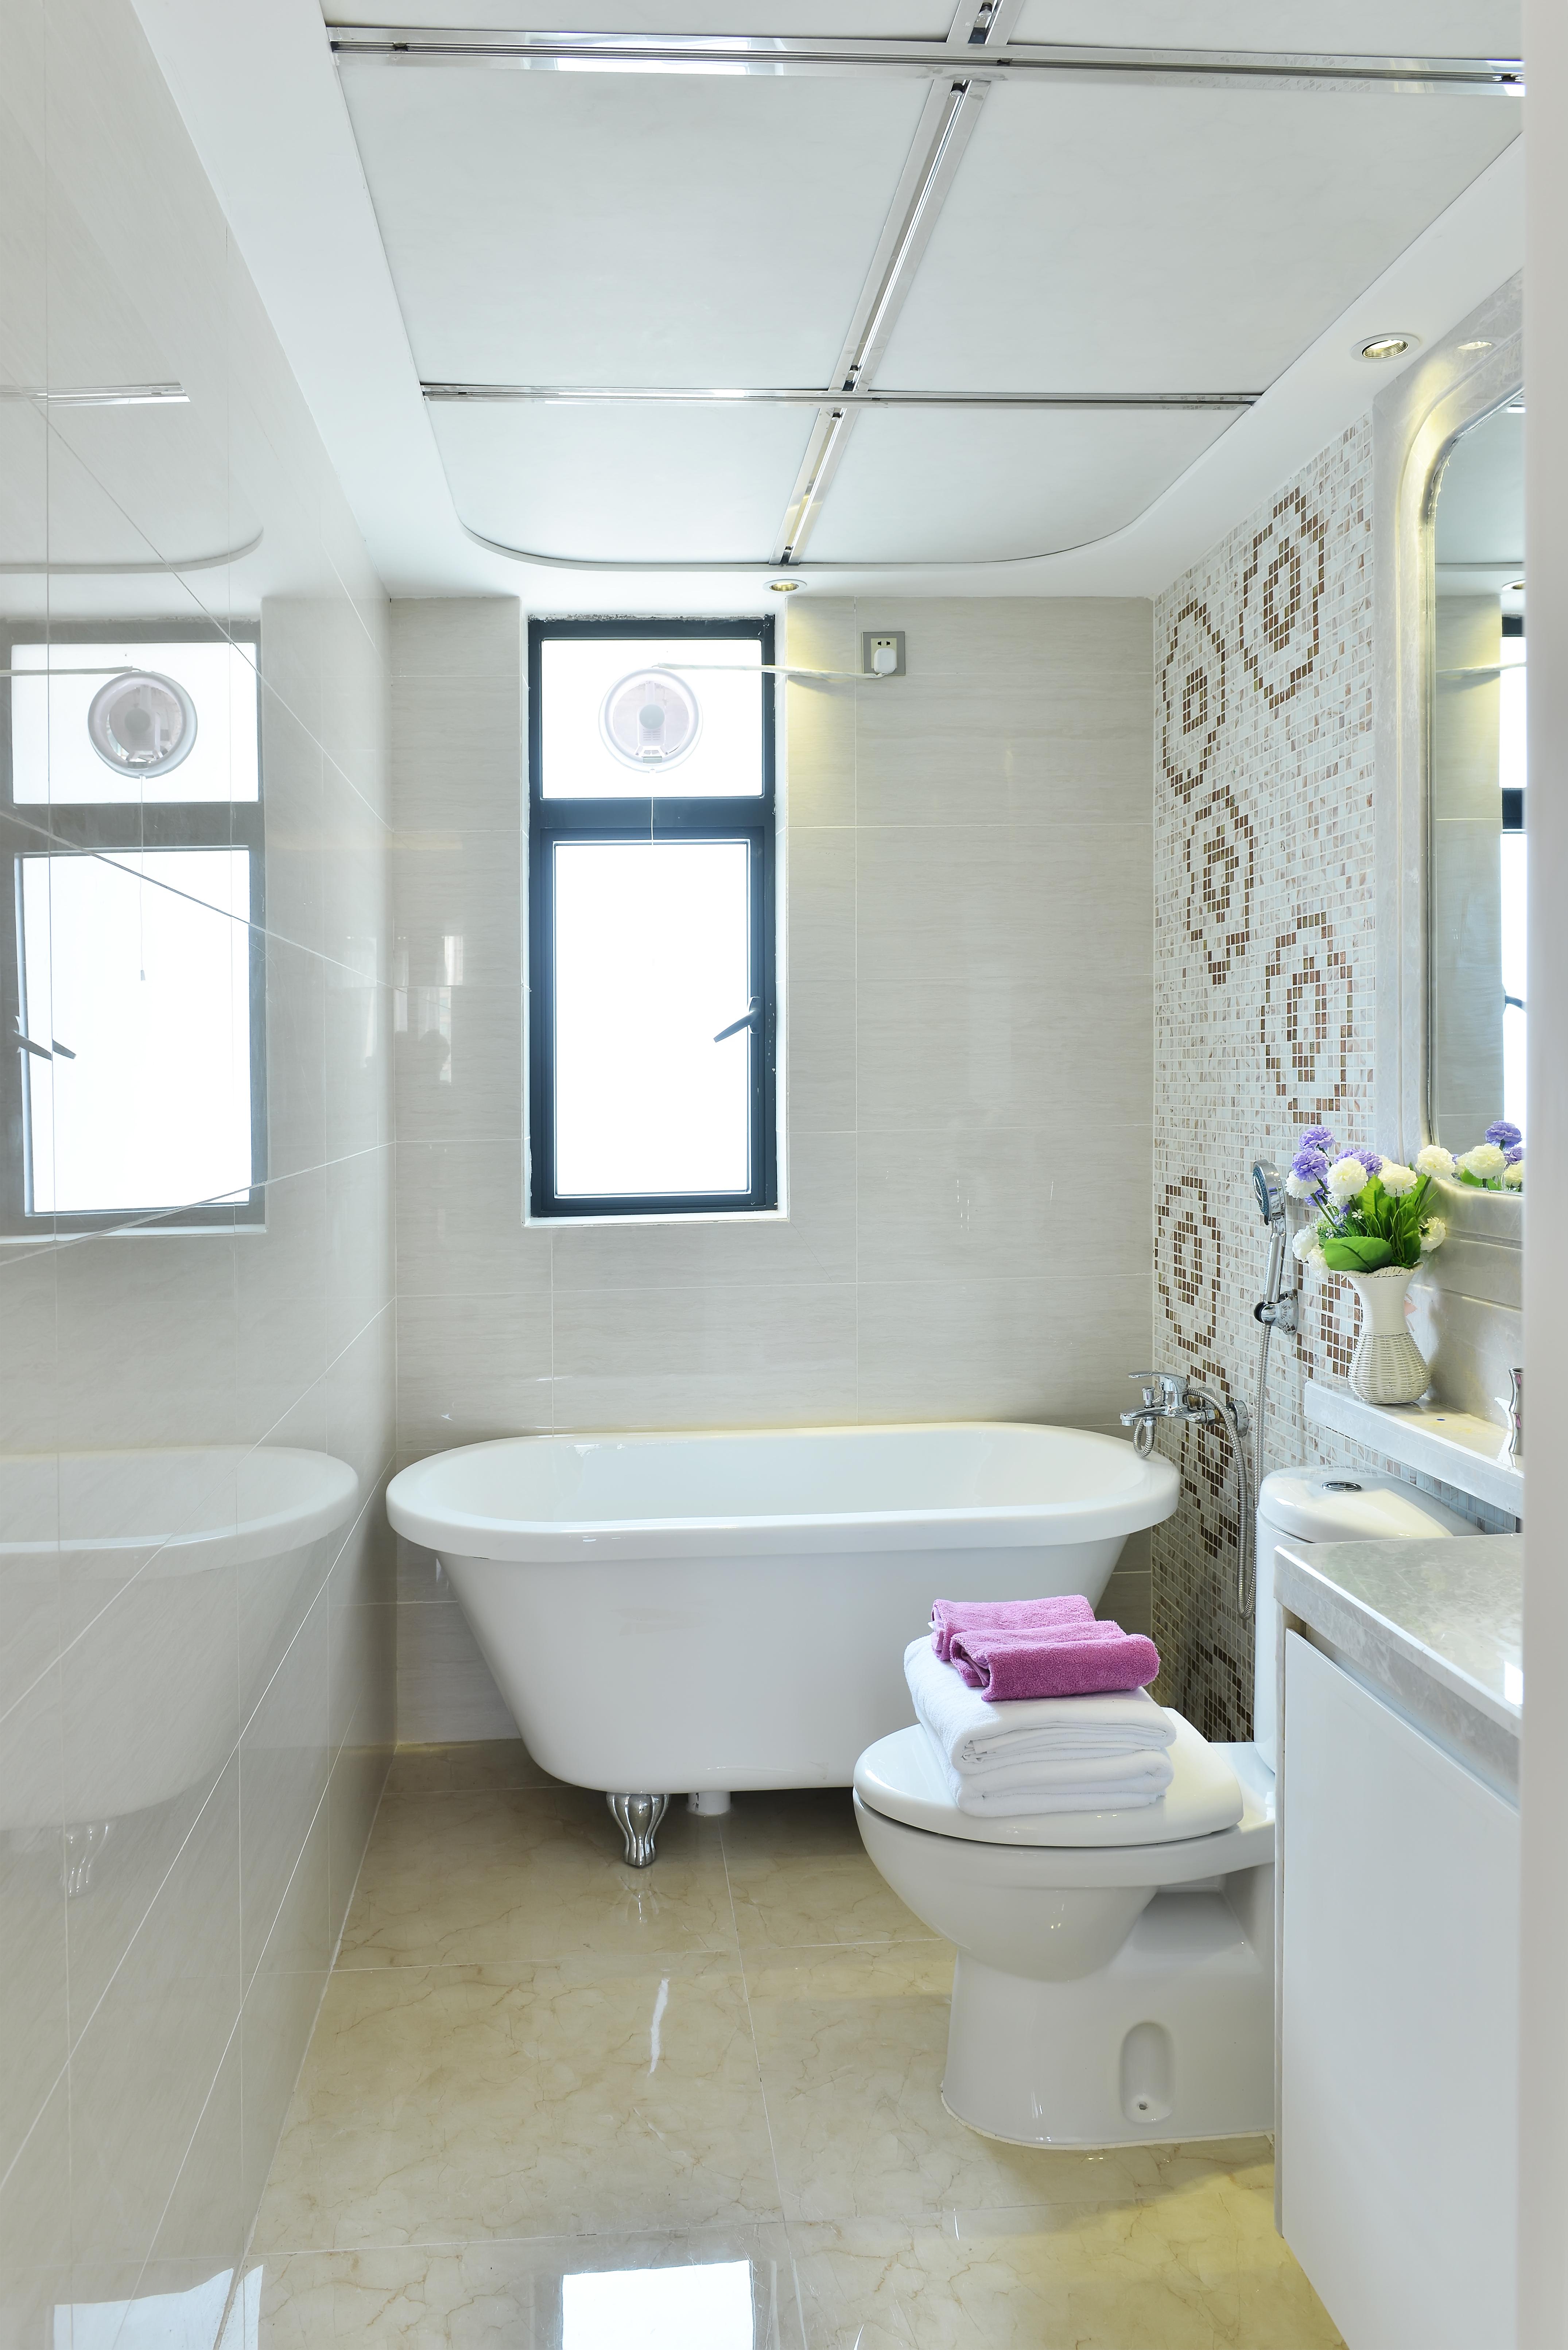 bathroom dreamstime_xxl_56819593